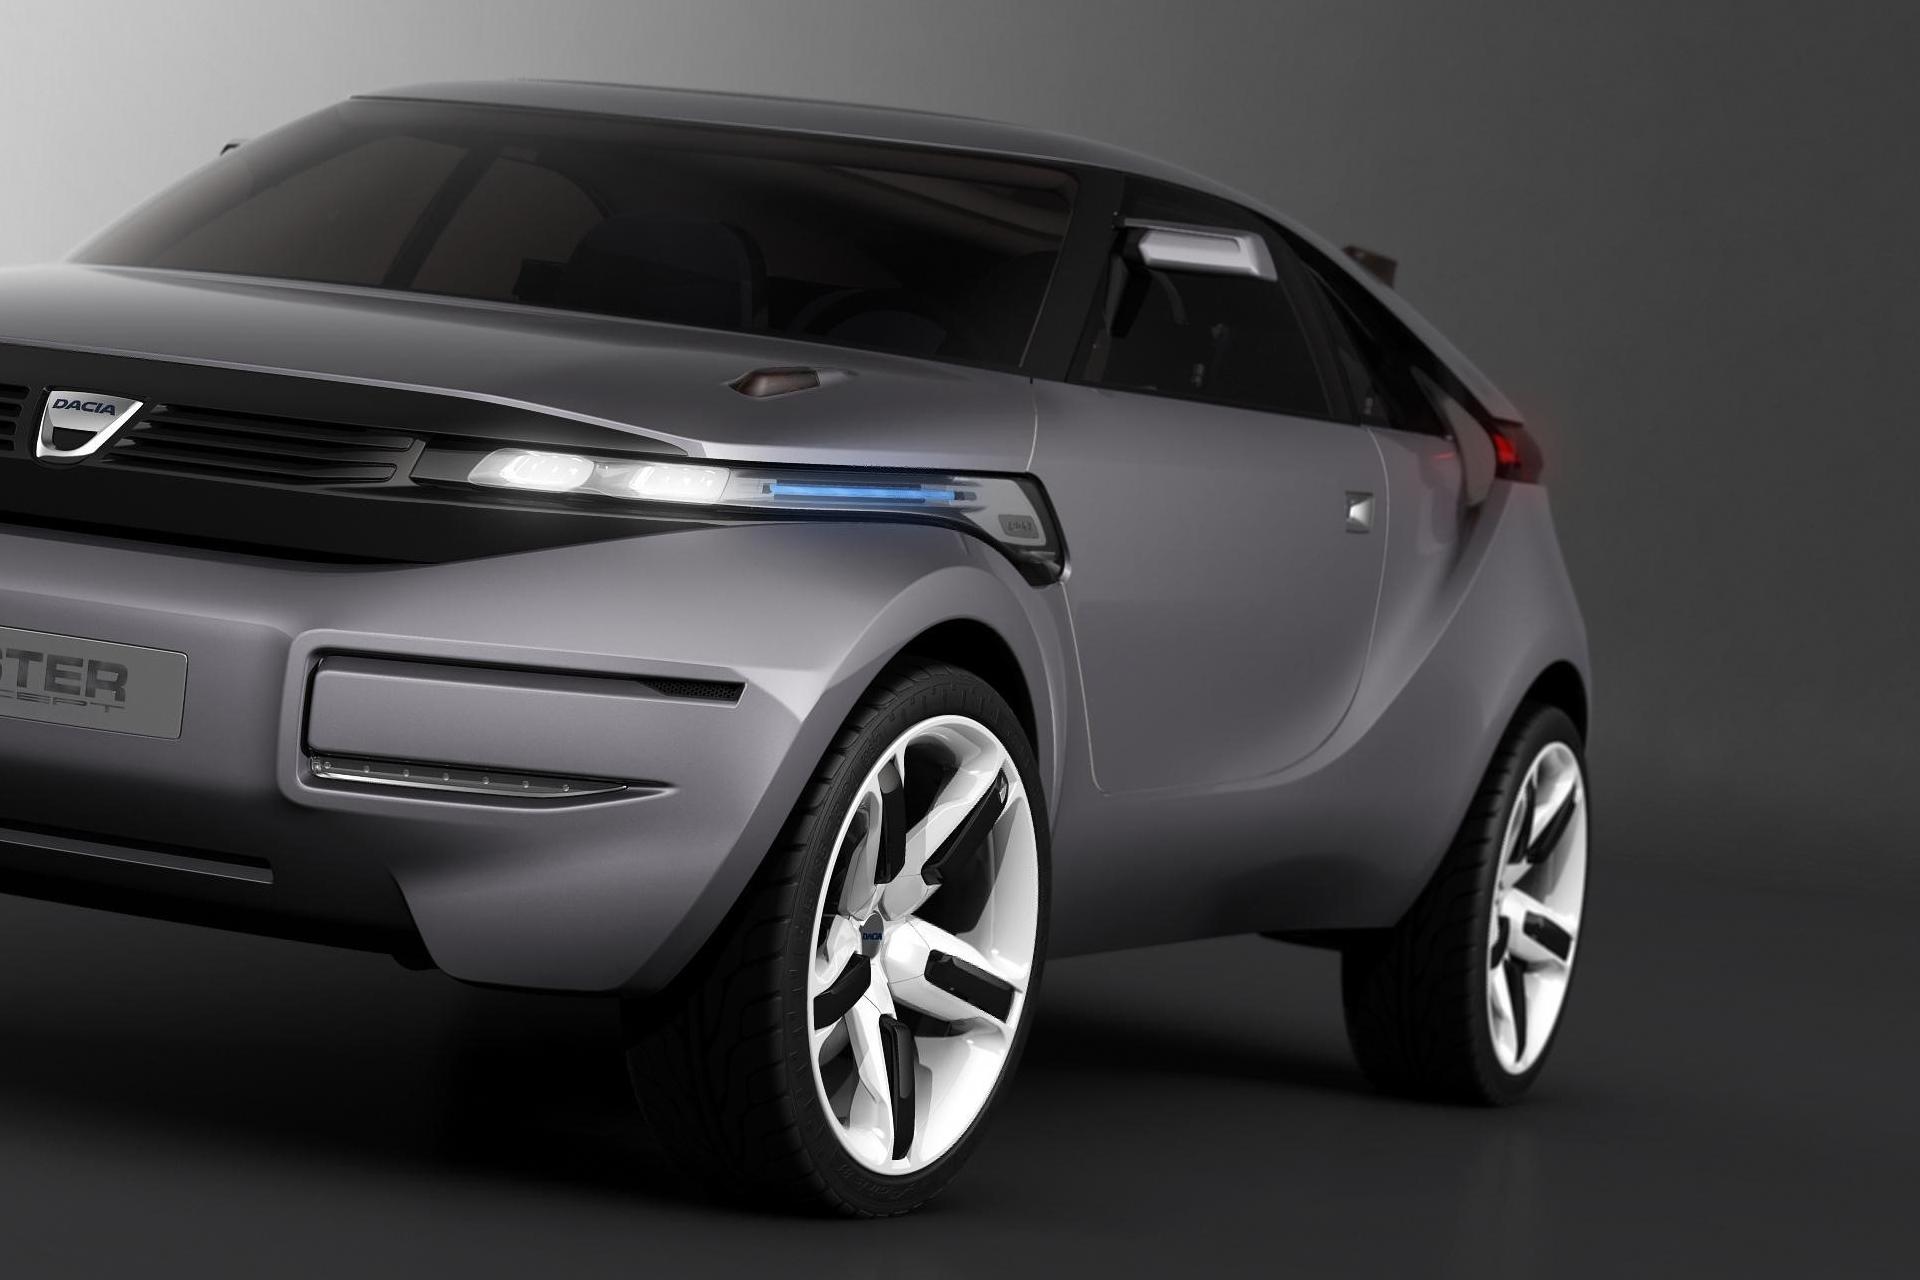 Dacia Duster Concept 2